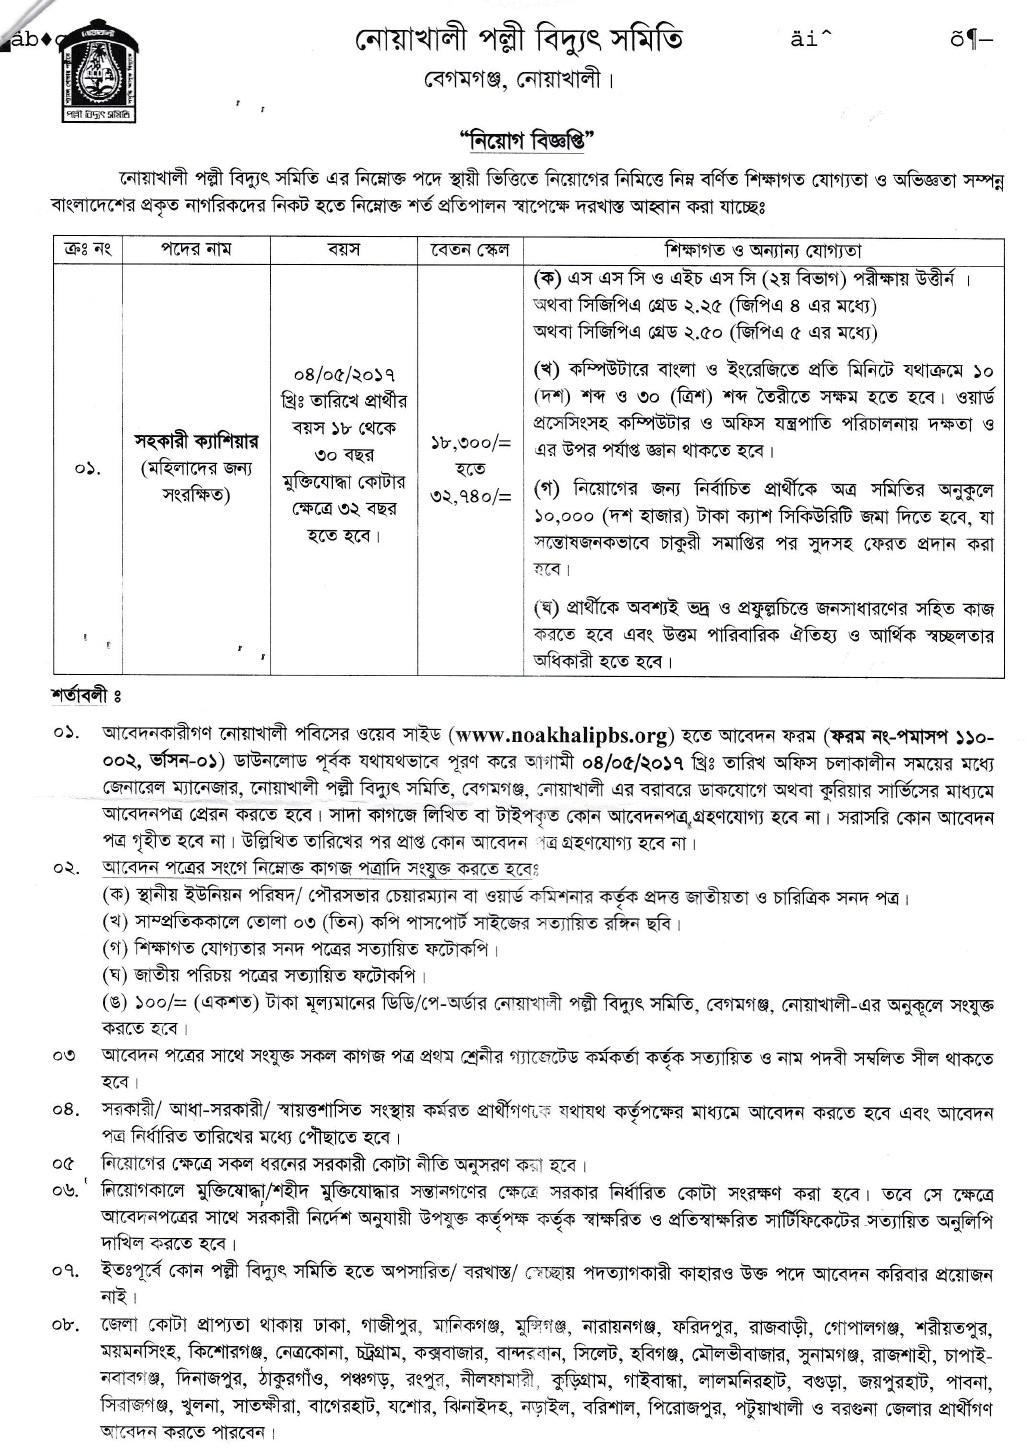 Noakhali Palli Bidyut Samity Job Circular 2017